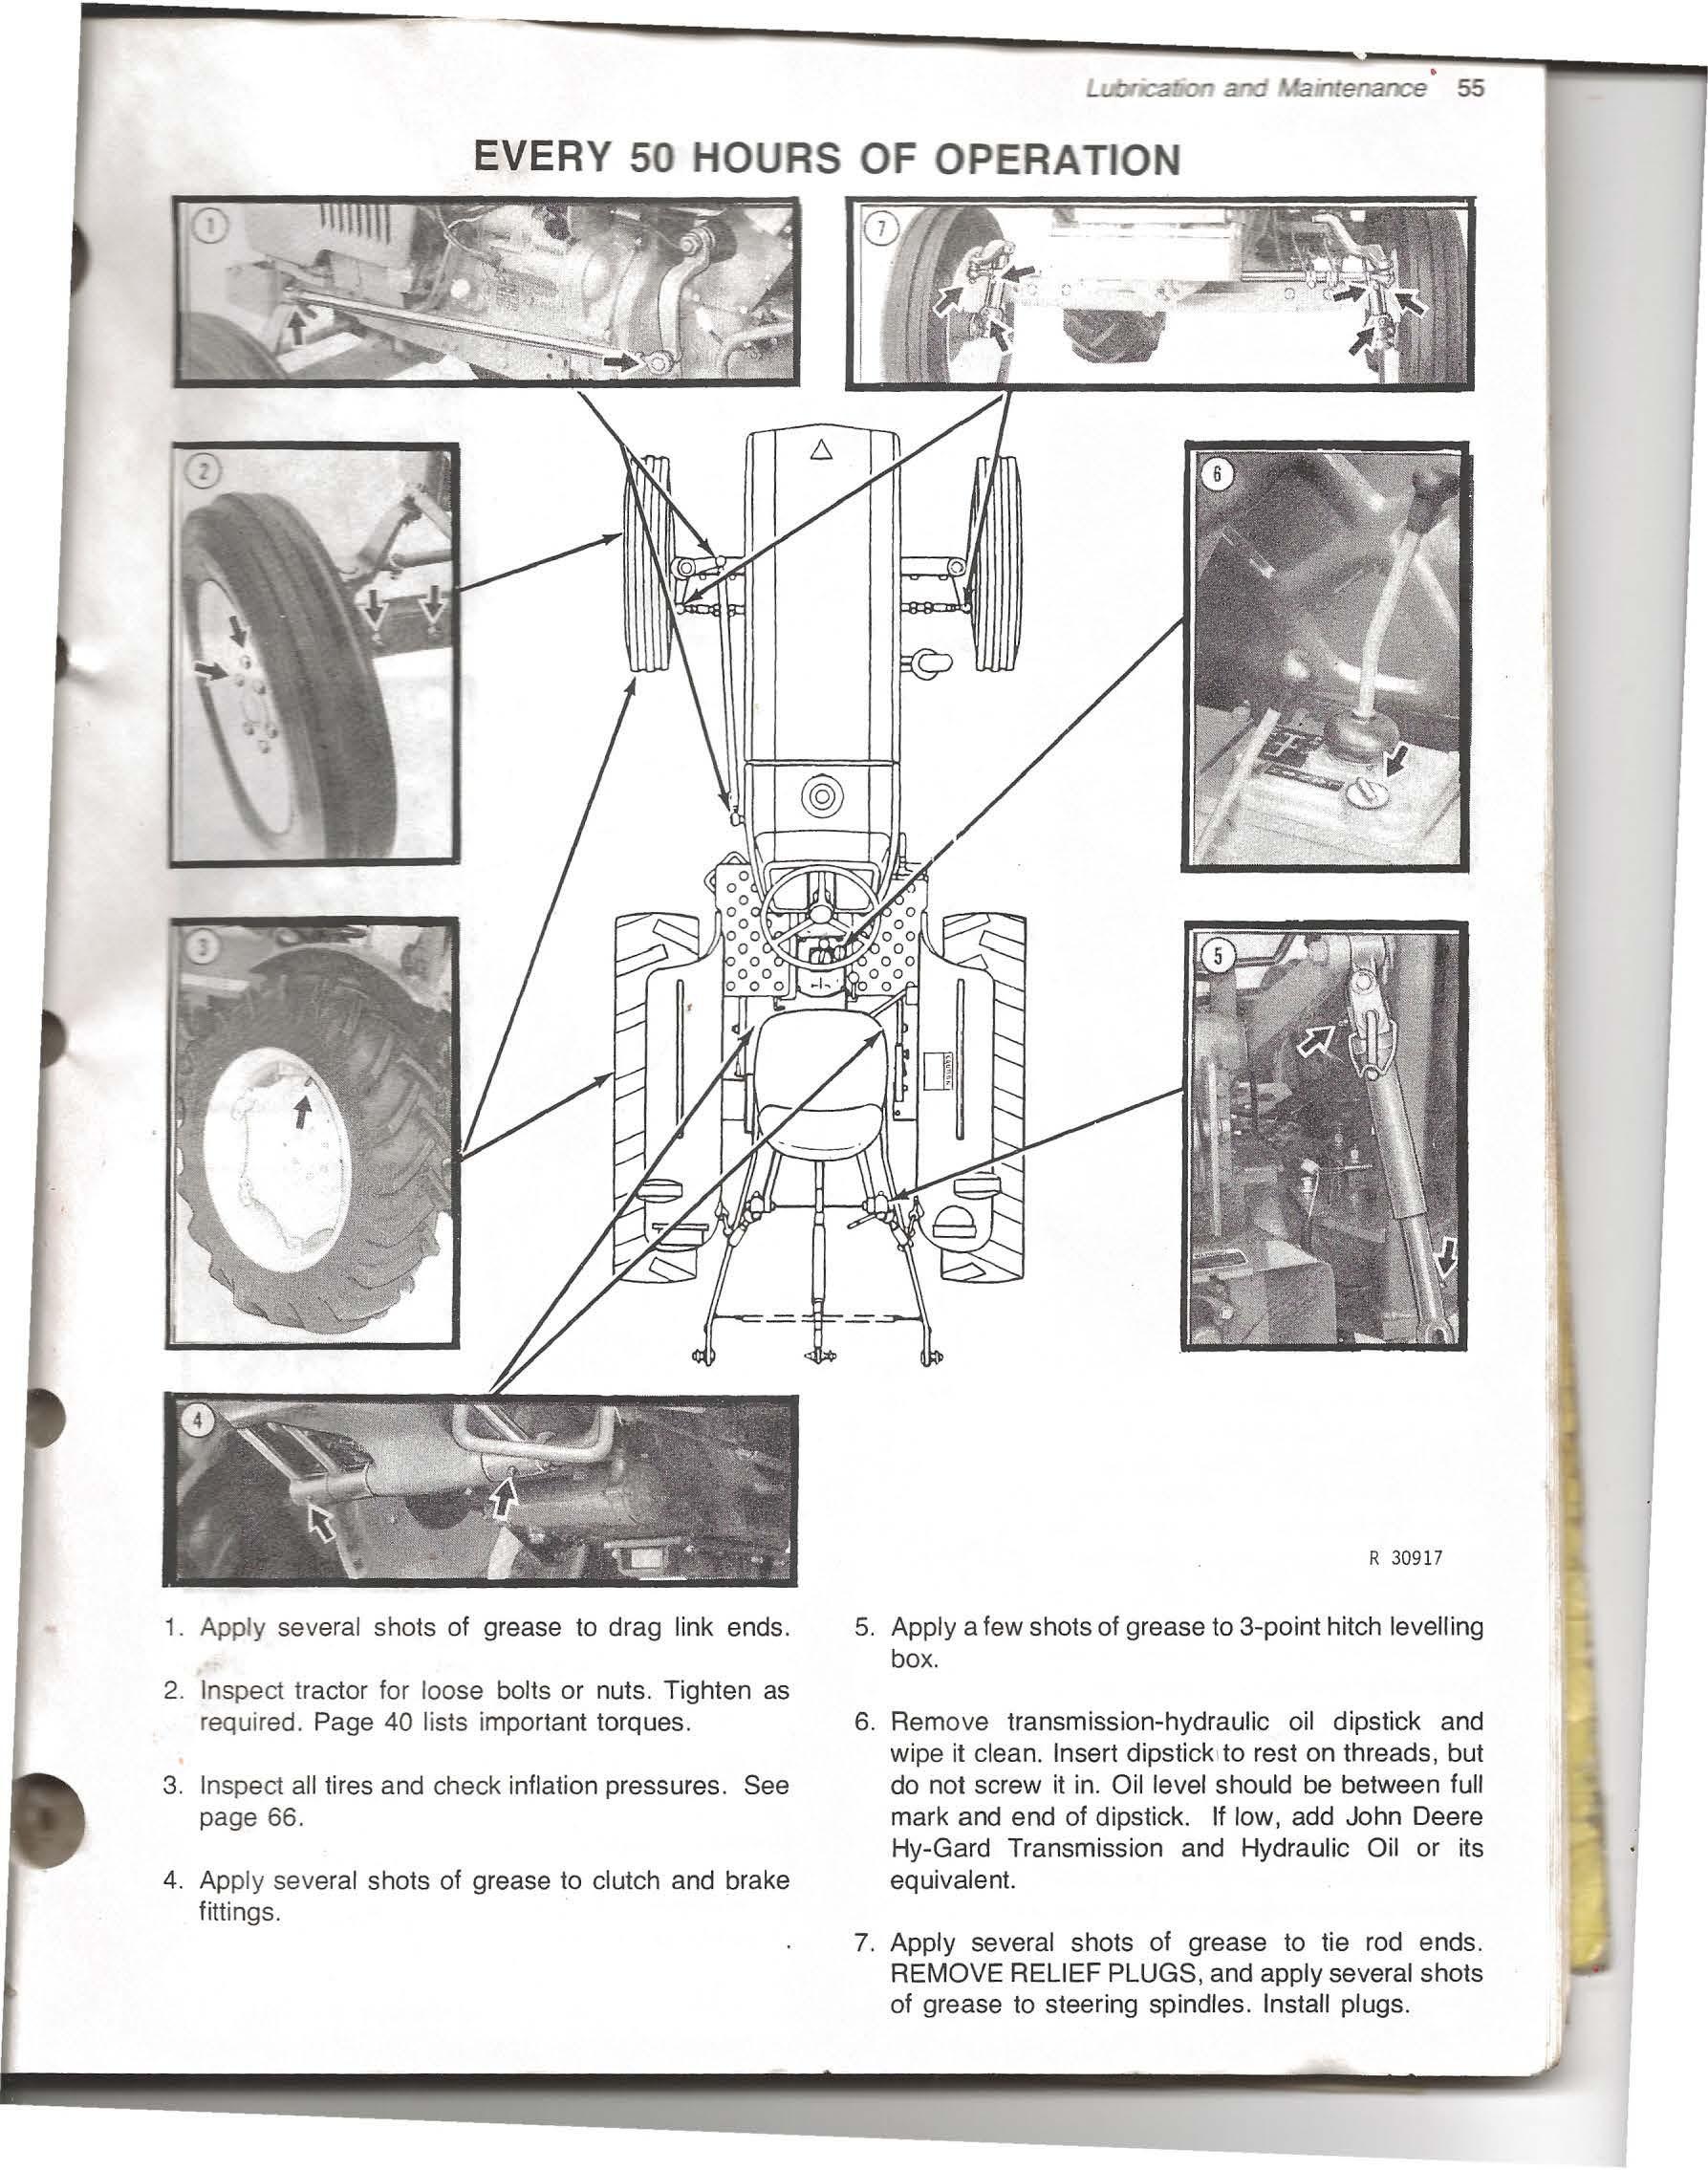 john deere 850 950 operator manual photos good_Page_57 john deere 850 950 operator manual photos good_page_57 poudre